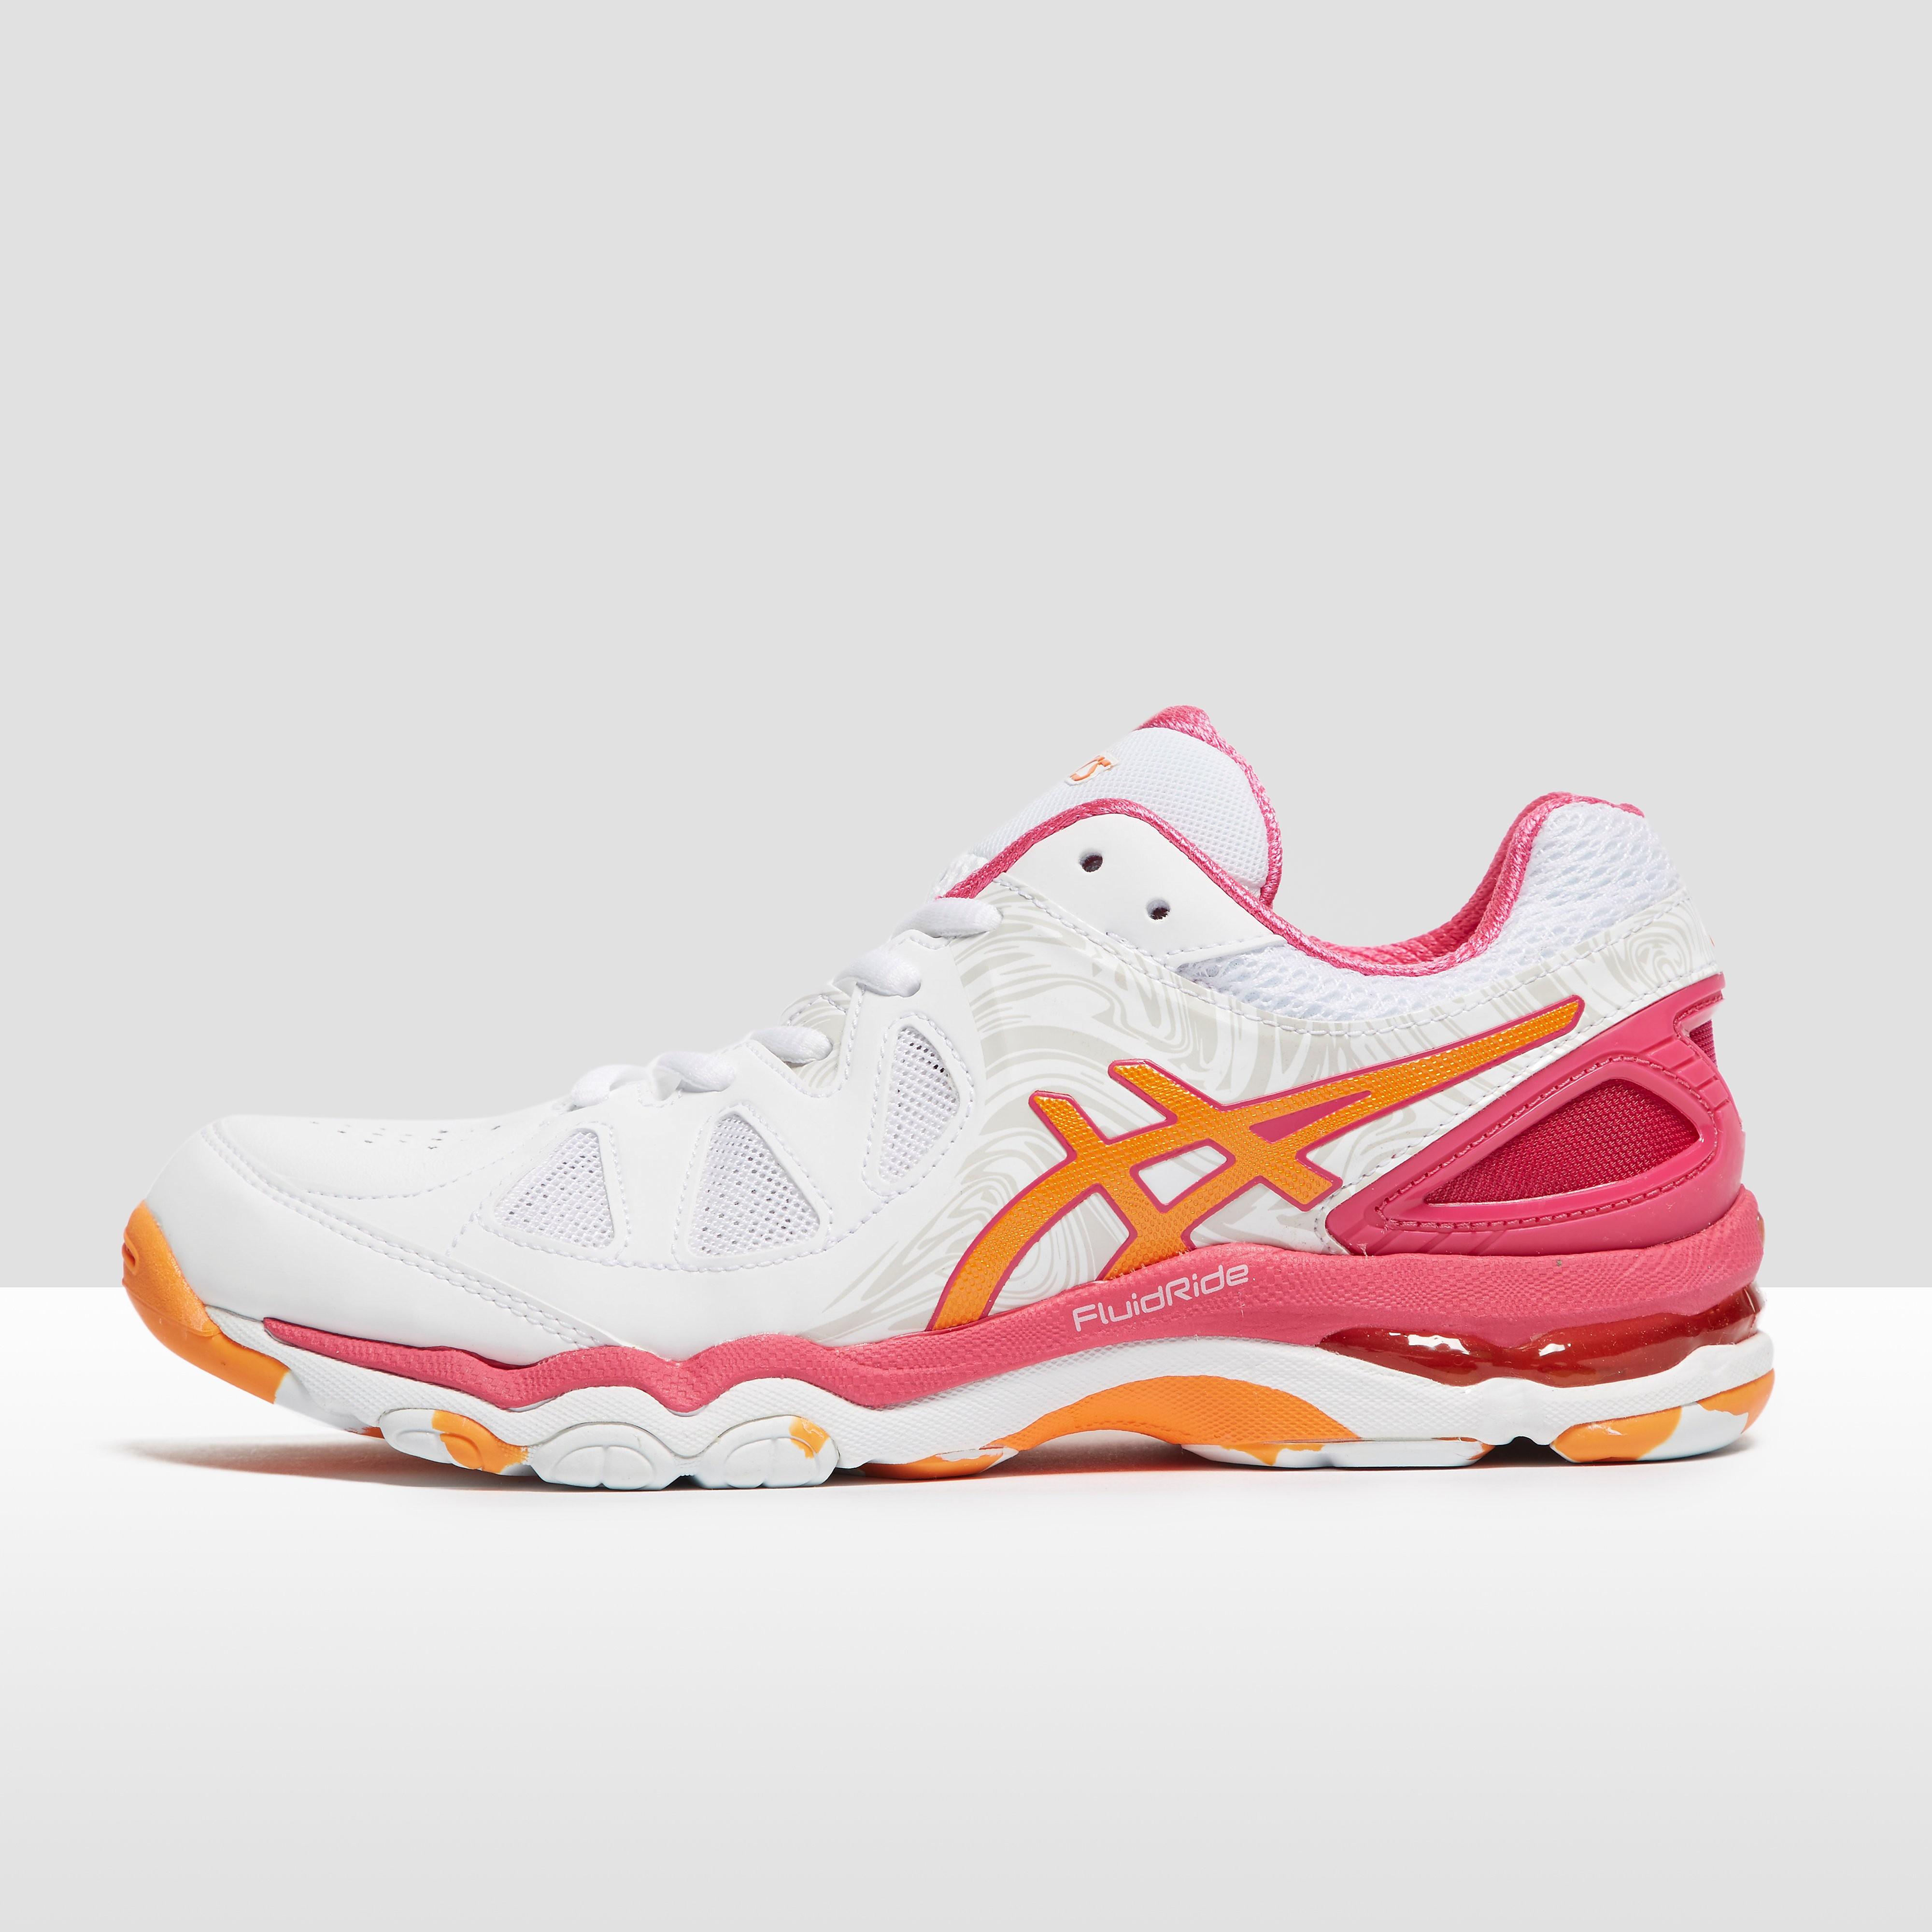 ASICS Gel-Netburner Super 7 Women's Netball Shoes